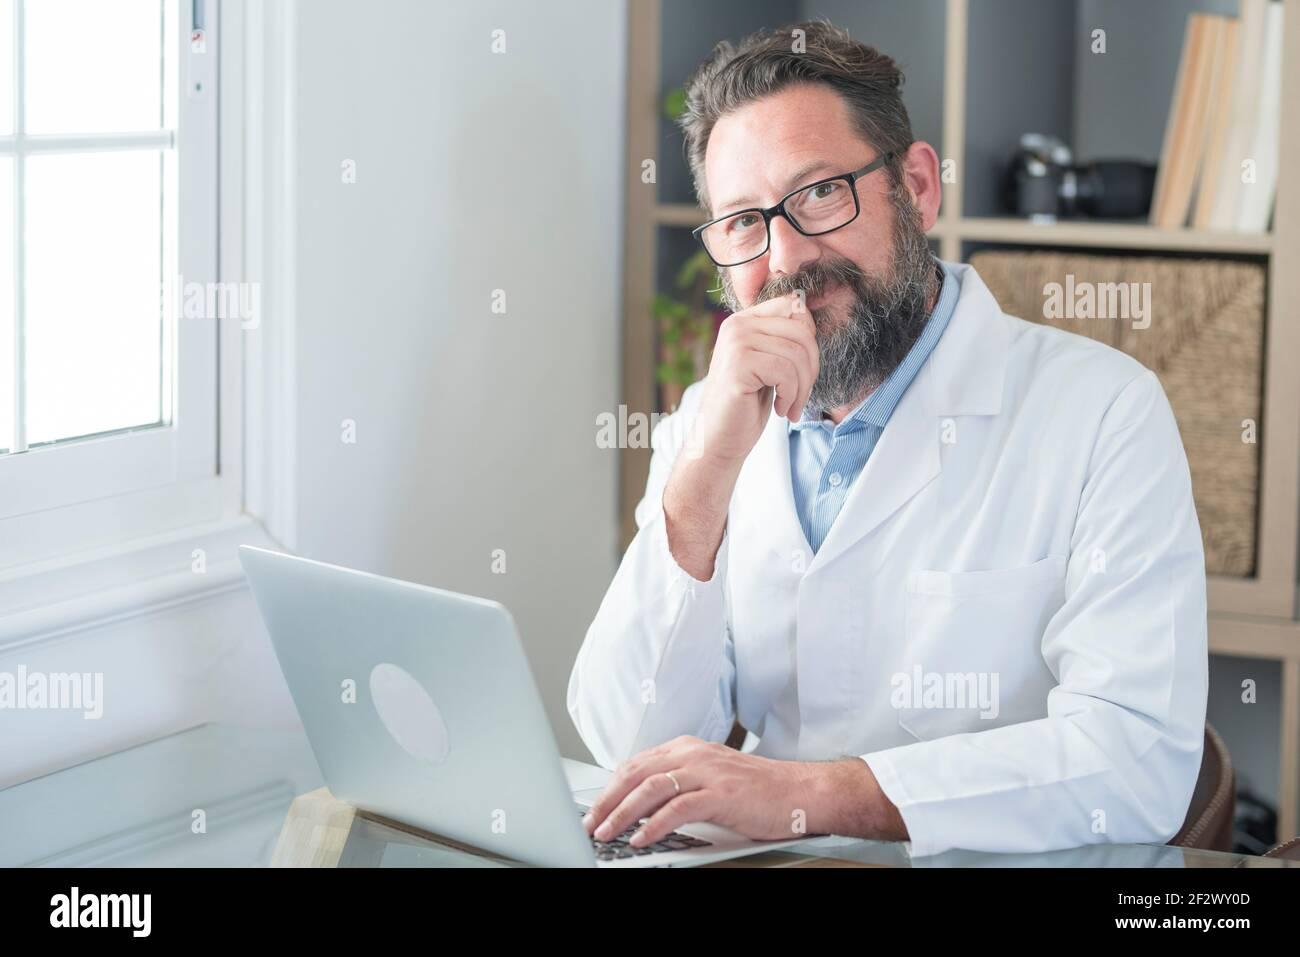 Un vieux médecin souriant en lunettes et un uniforme blanc s'assoir à l'hôpital sur un ordinateur portable écrire dans le journal, un homme mature heureux médecin de premier plan remplir p Banque D'Images